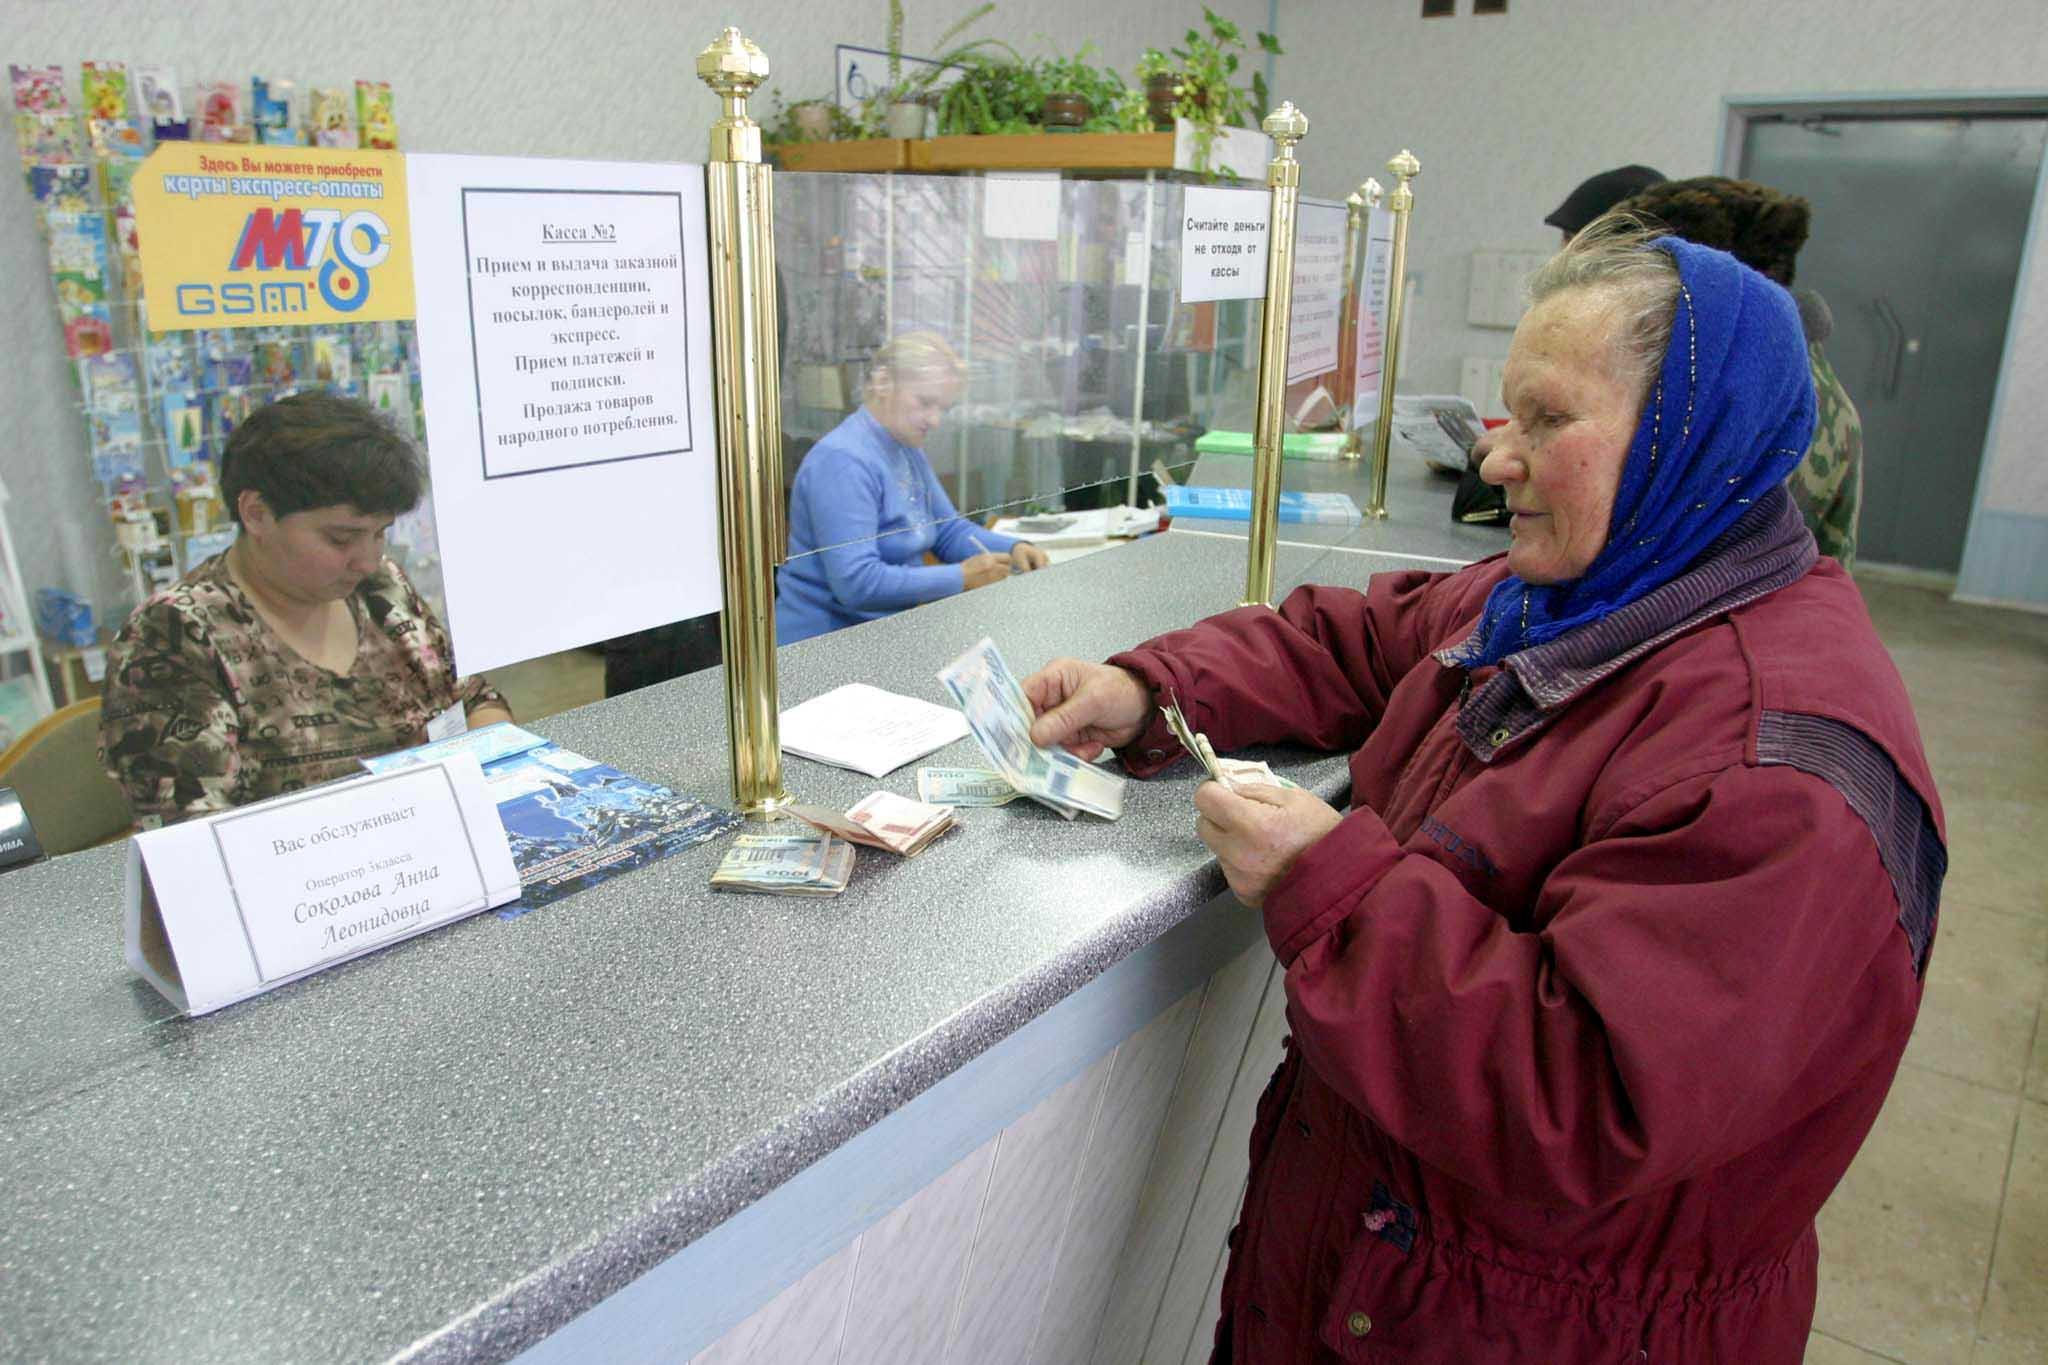 На сколько процентов повысят пенсию 2015 году